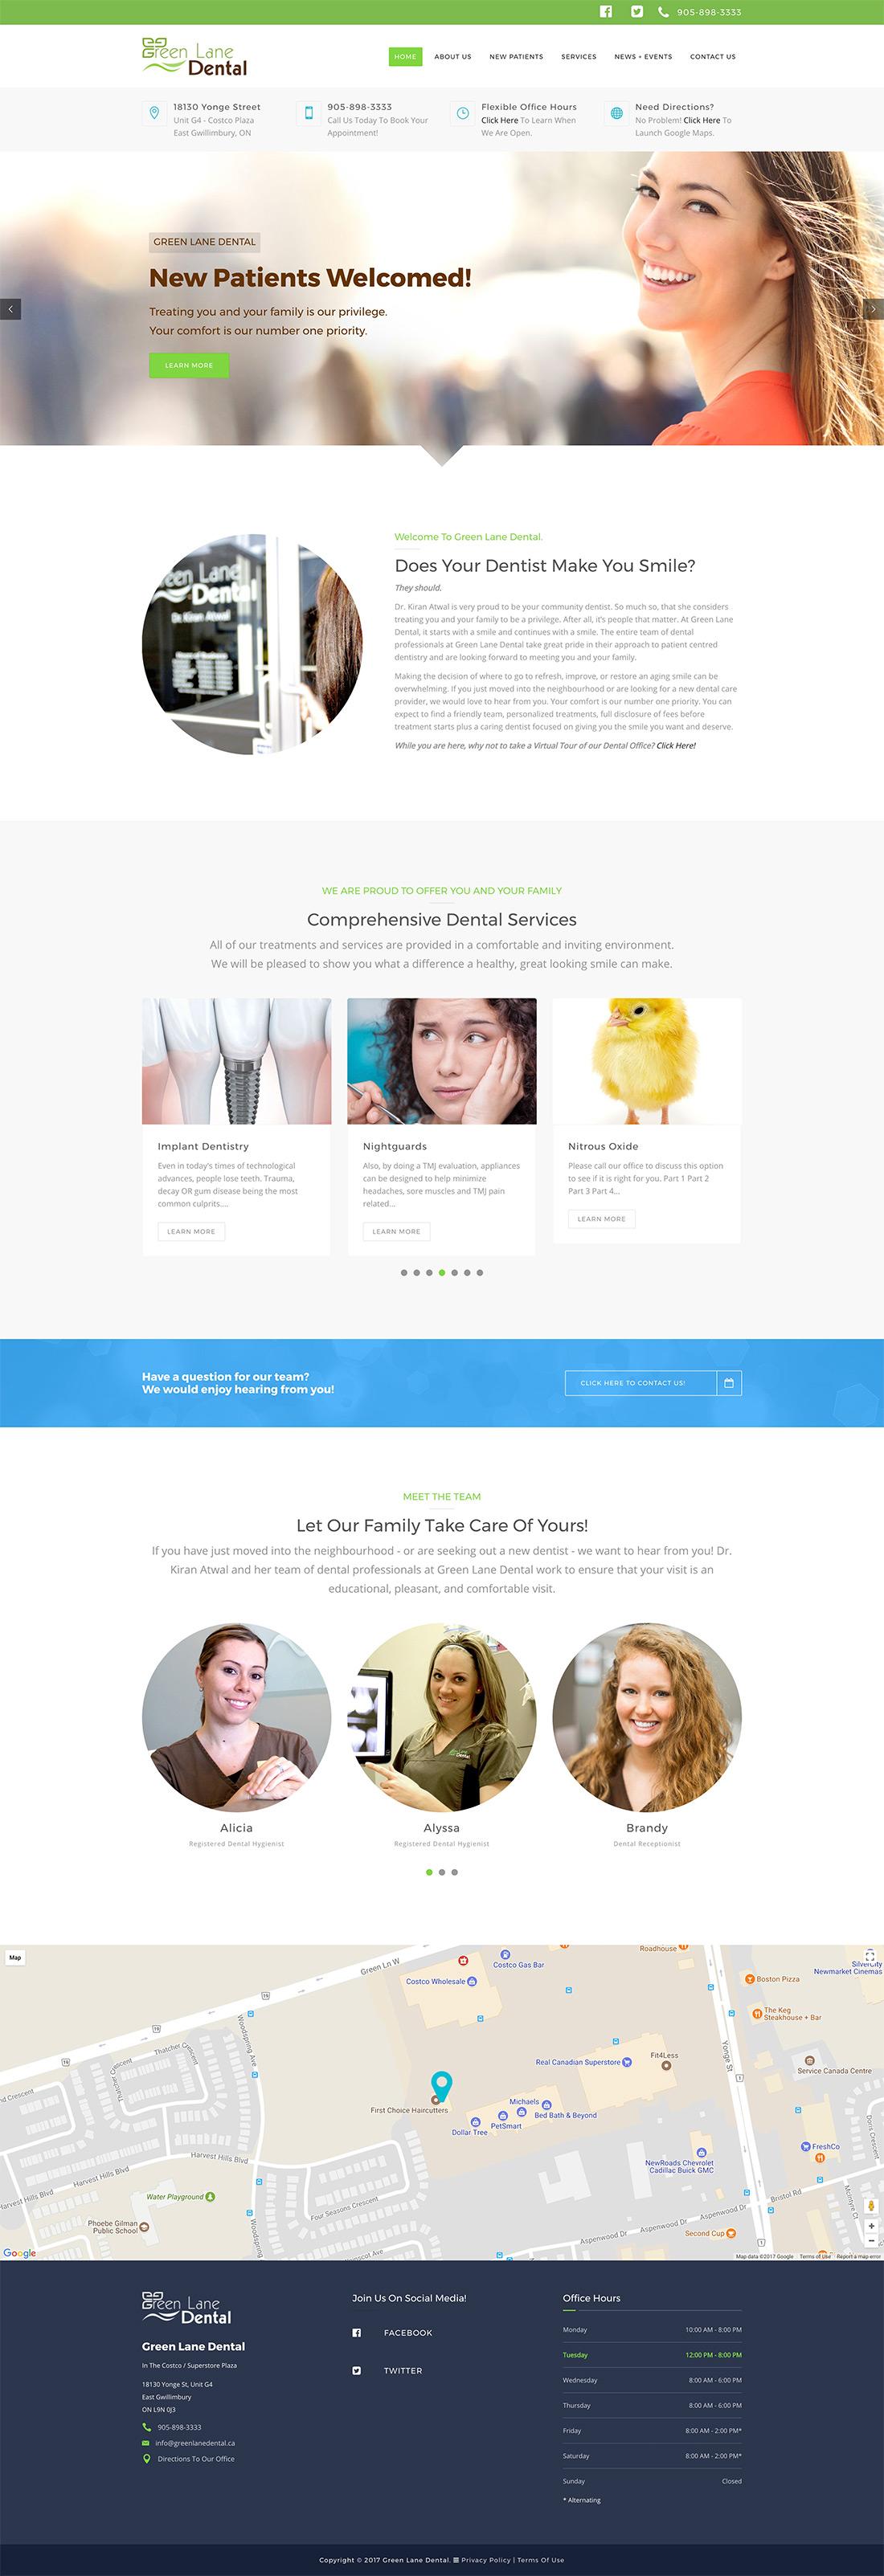 Green Lane Dental - Web Site